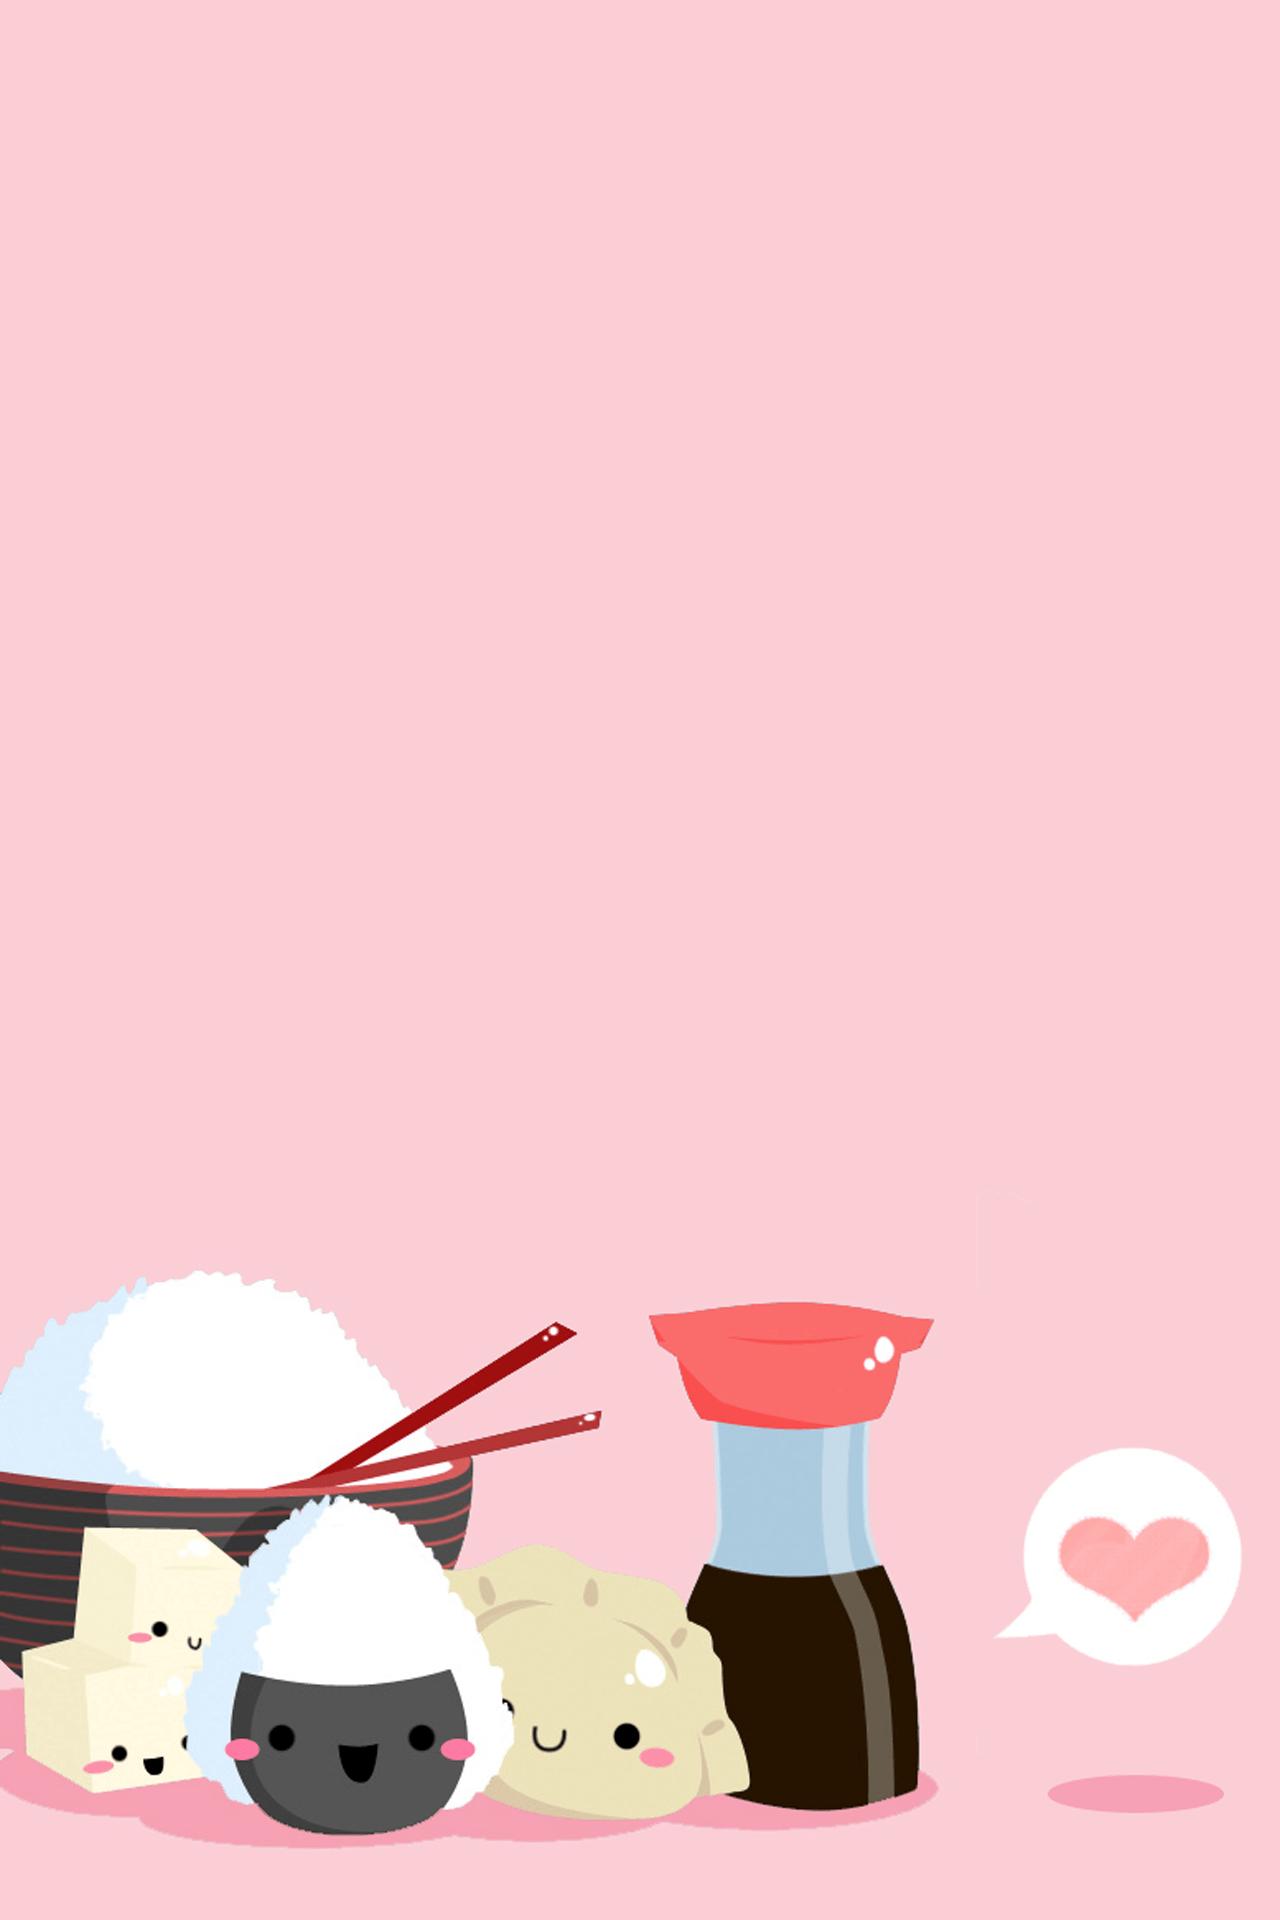 Kawaii Sushi Wallpapers   Top Kawaii Sushi Backgrounds 1280x1920